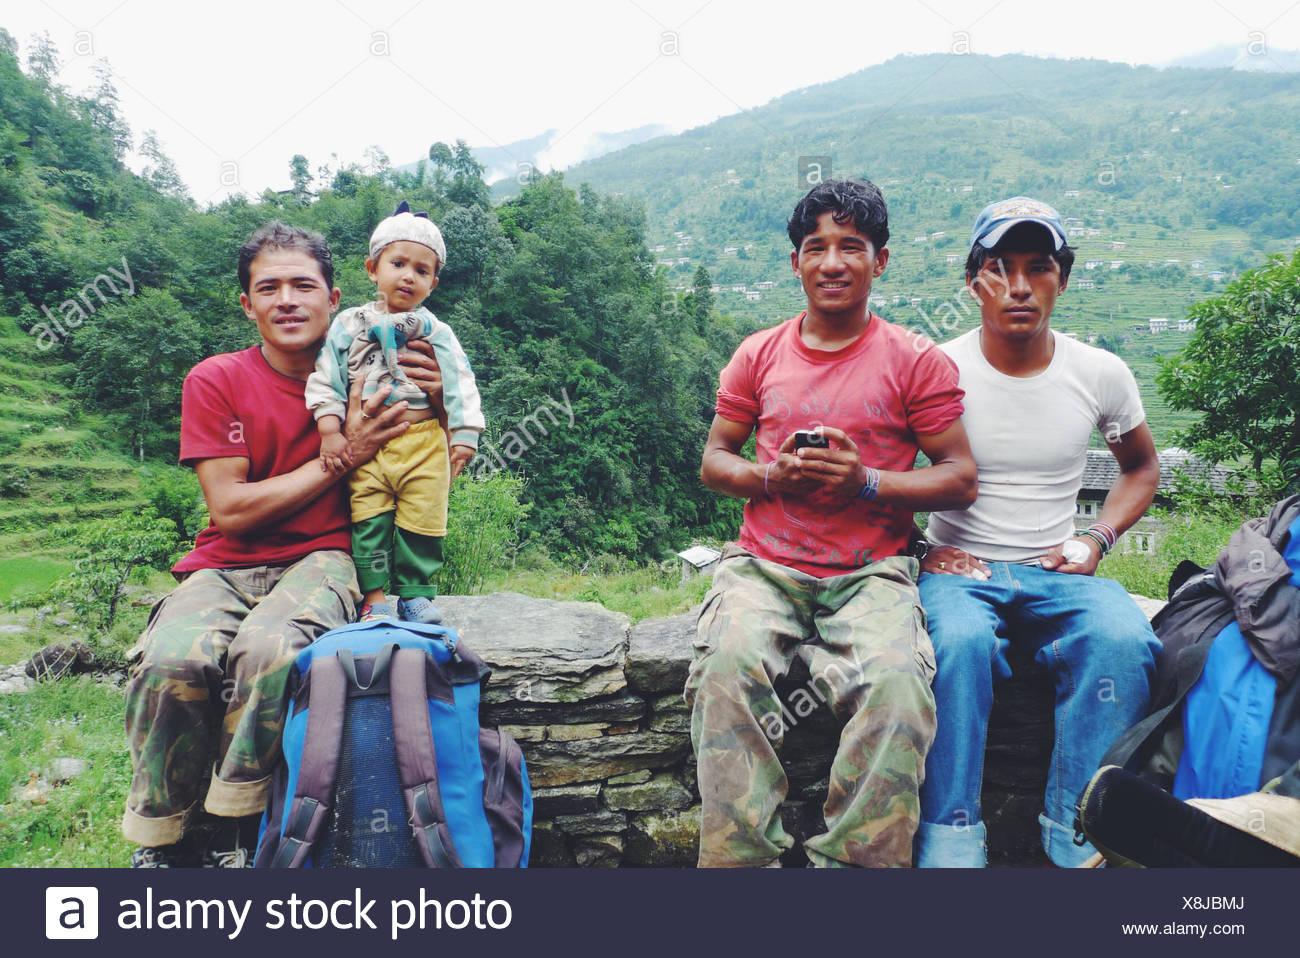 Trois hommes assis sur un mur avec un petit garçon, au Népal Photo Stock